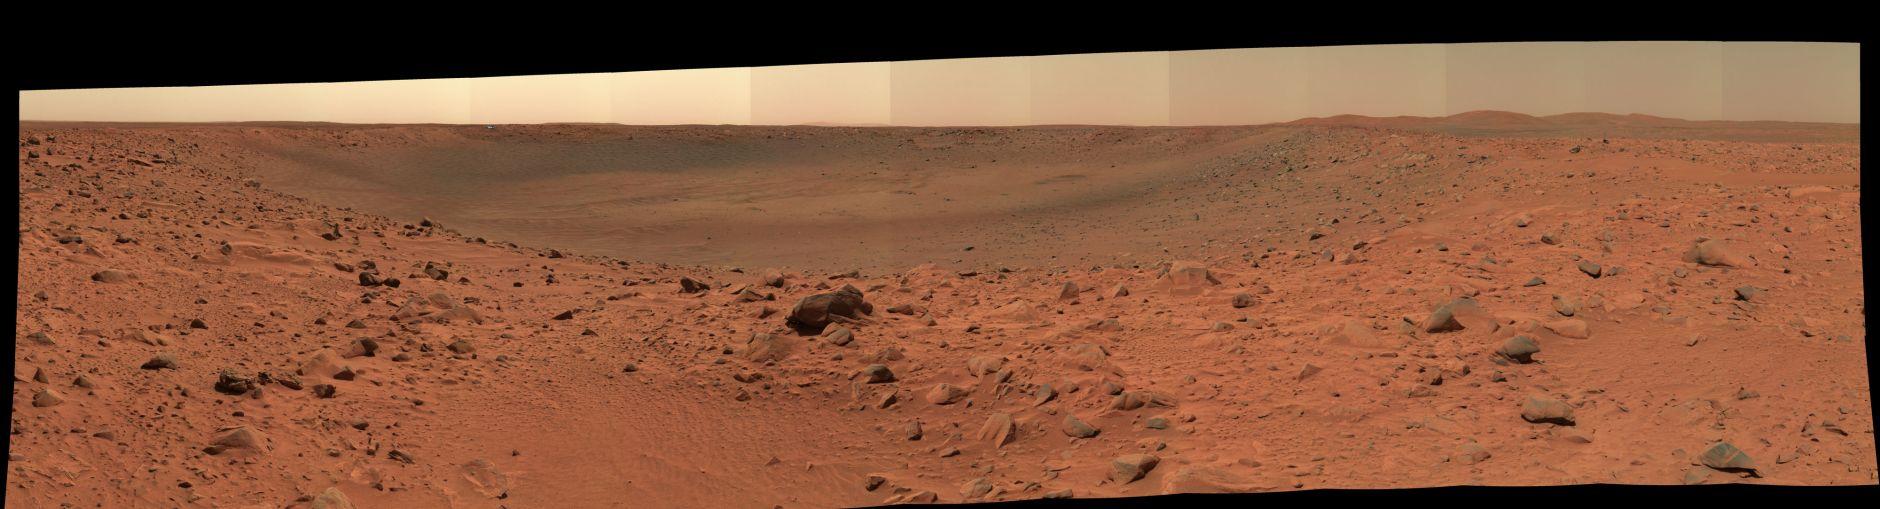 Espíritu Pan de Cráter Bonneville's Edge